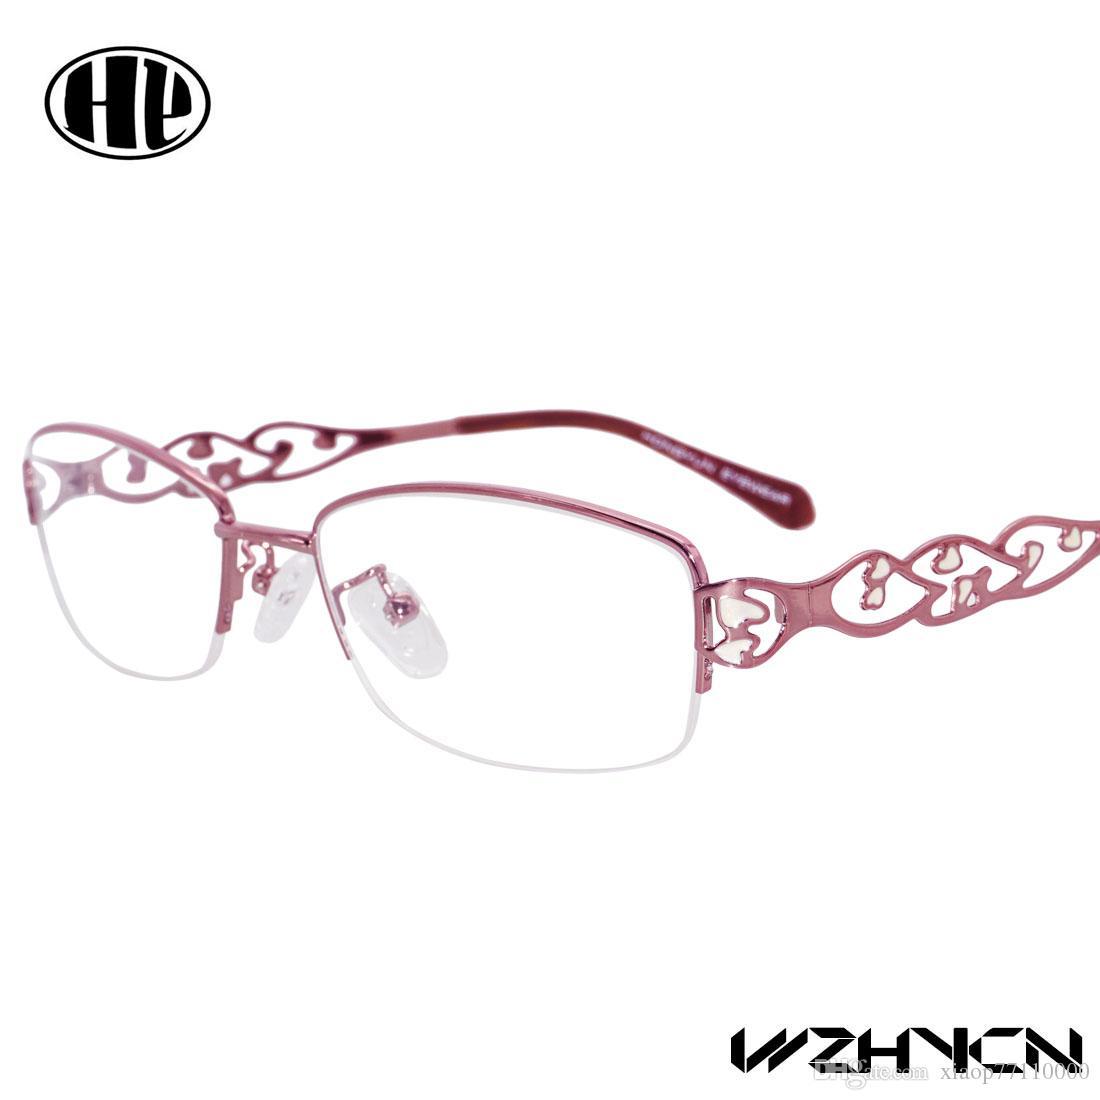 2017 donne occhiali in lega chiara occhiali occhiali personalità in metallo Gafa progettato arte occhiali da vista